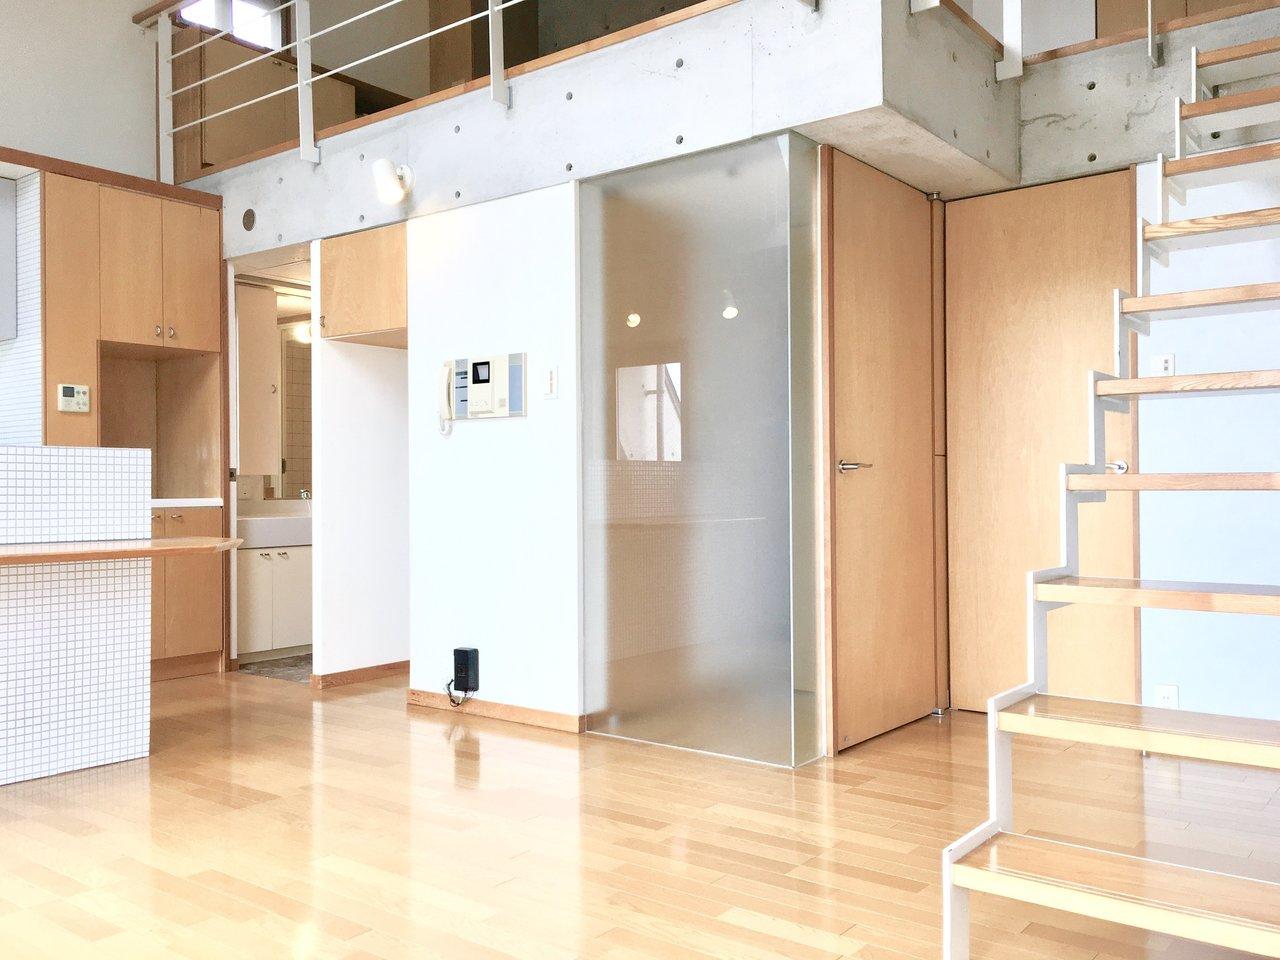 木の温かみと打ちっぱなしのクールさがミックスされた、ホット&クールなお部屋。広めの階段を上がれば、ロフトスペースも。天井が高くて気持ちの良いお部屋ですね。